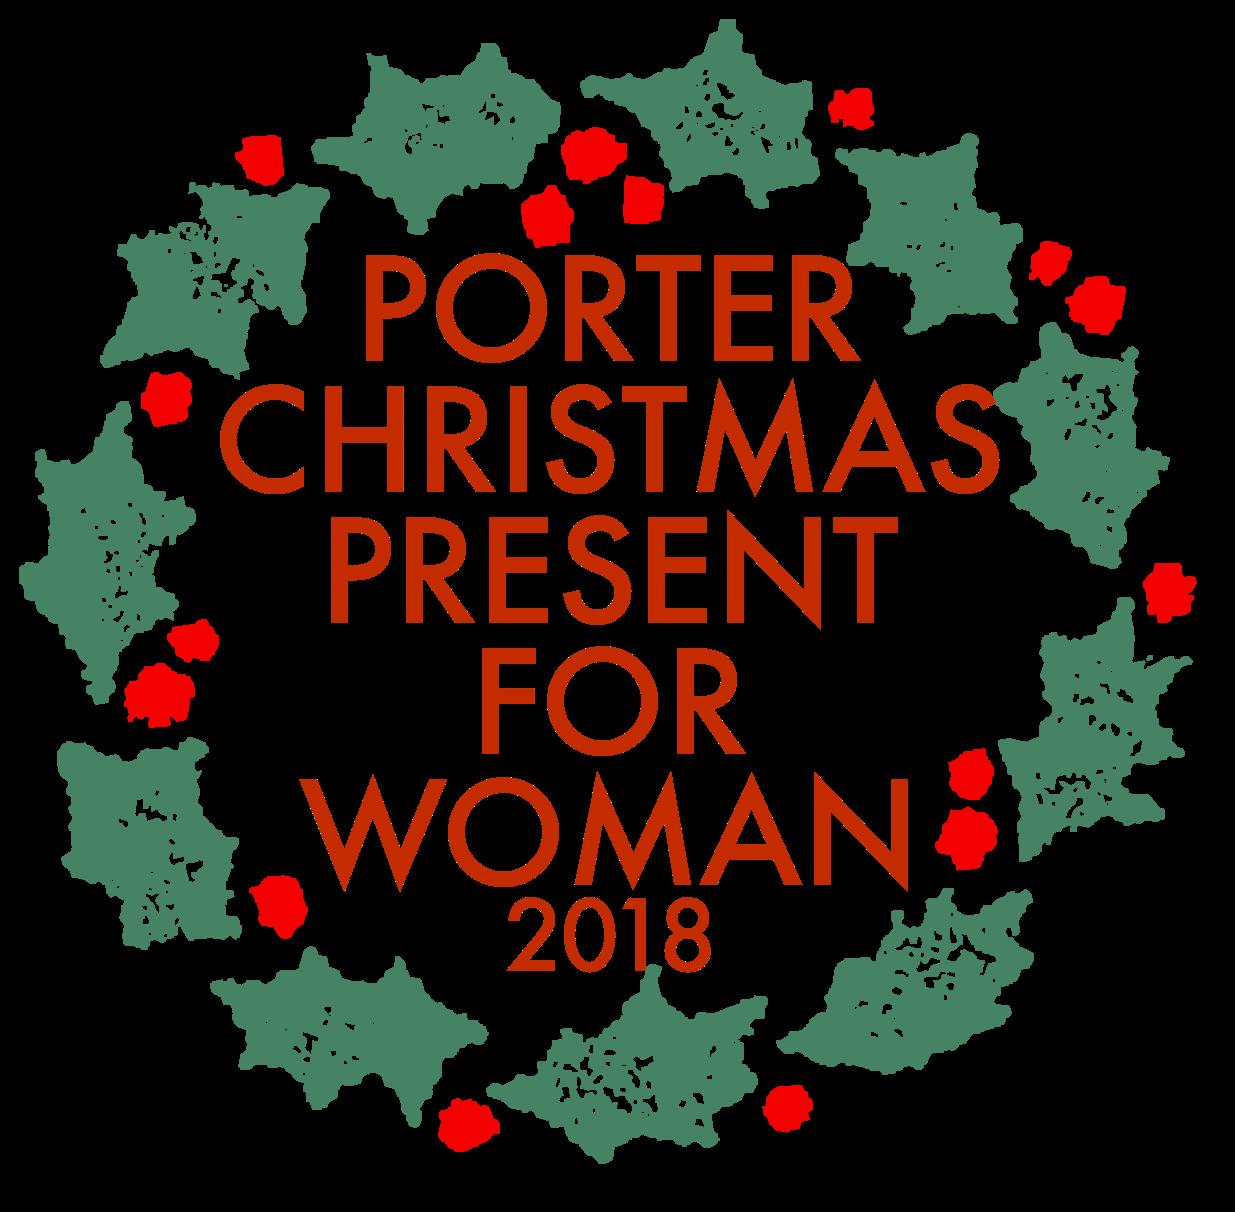 ポーターで彼女/嫁/妻へクリスマスプレゼントを買うならこれがオススメ3選【PORTER2018】